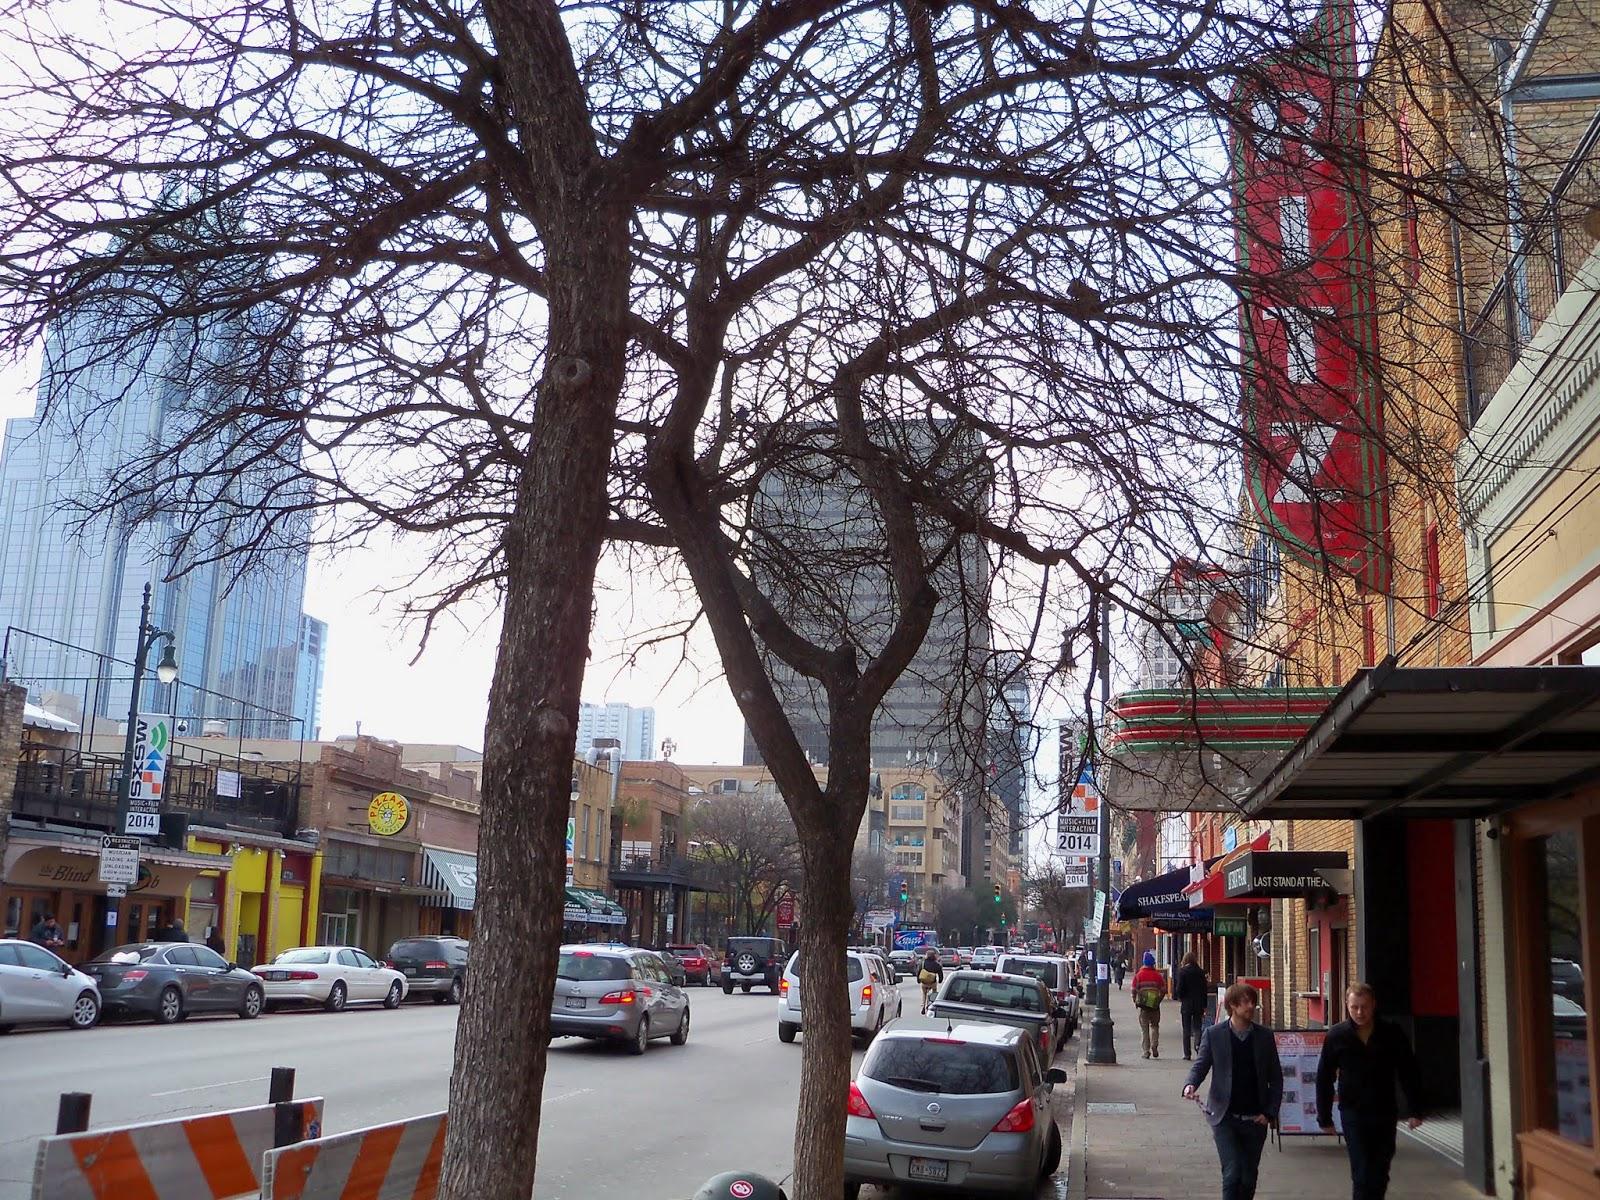 Austin, Texas for SXSWedu - 116_0894.JPG